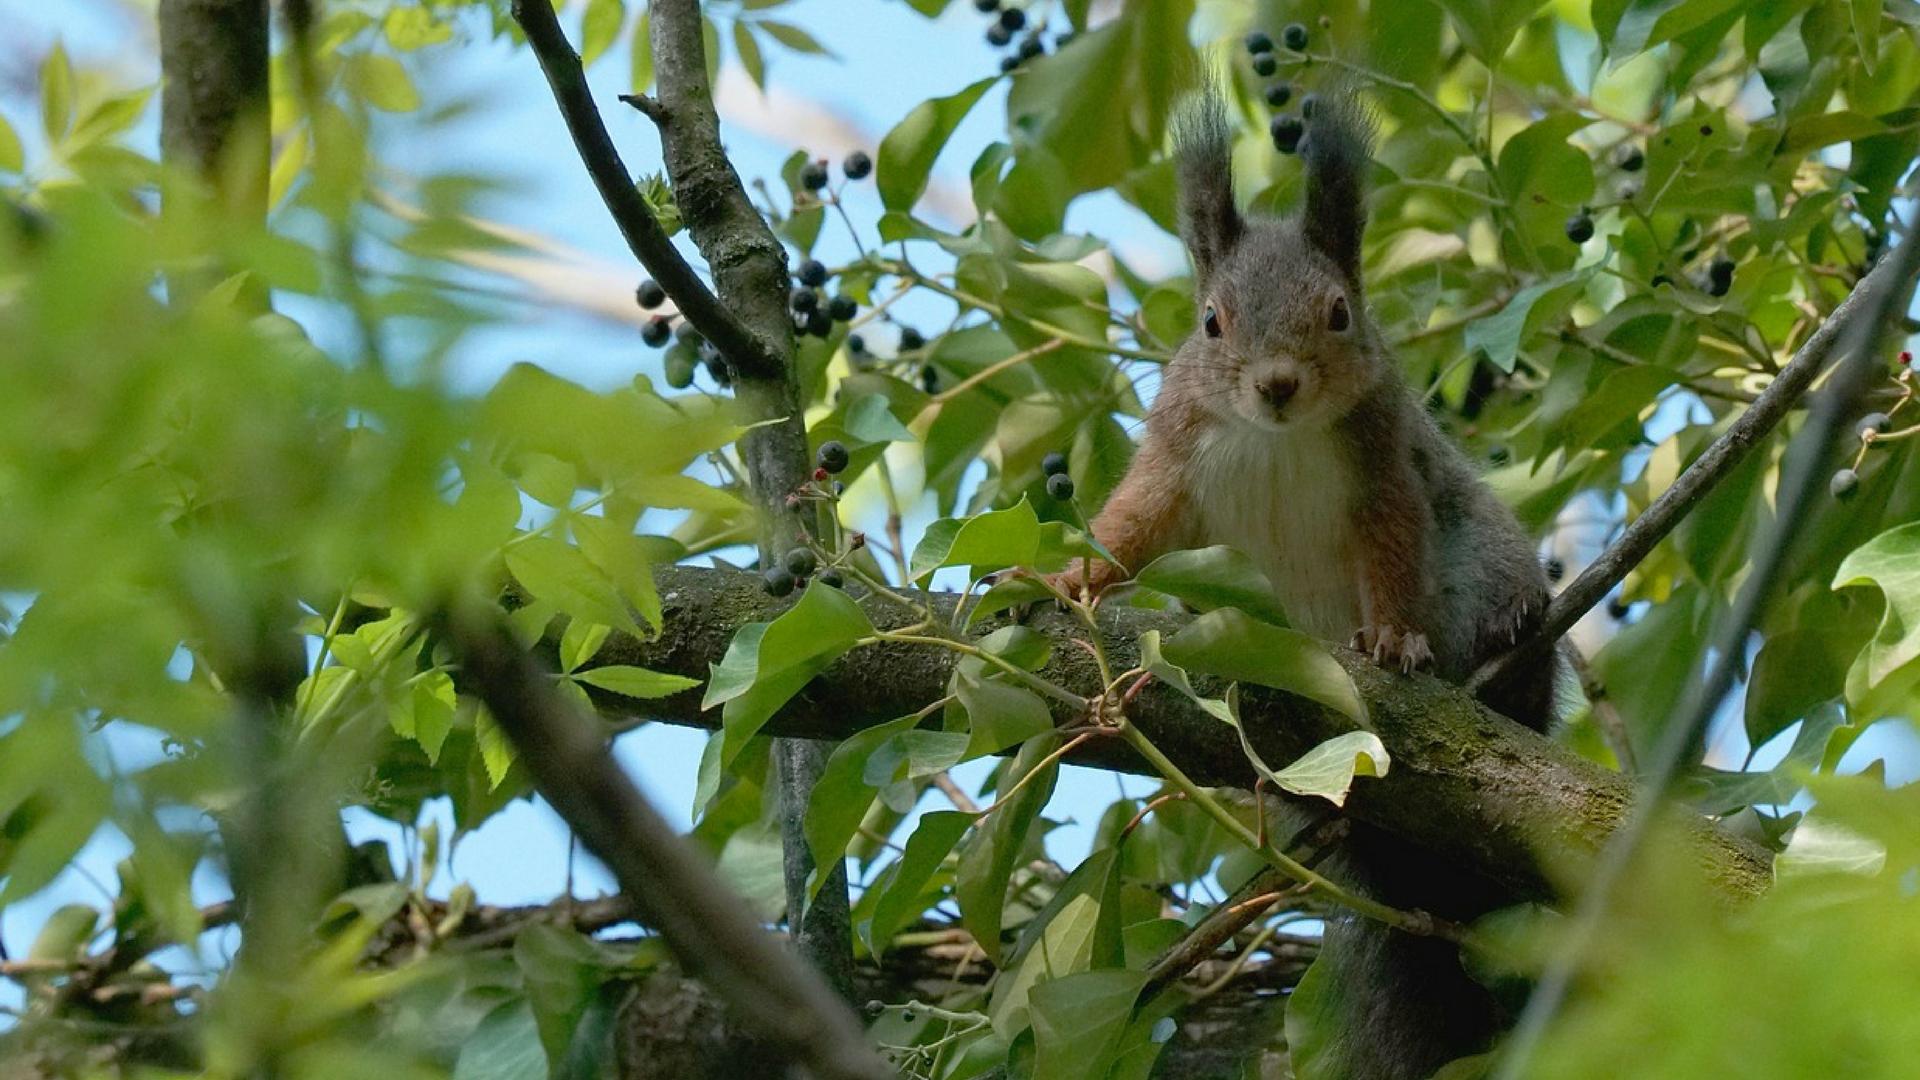 El Medio Ambiente: Cuidar De Los Animales Es Cuidar Del Medioambiente